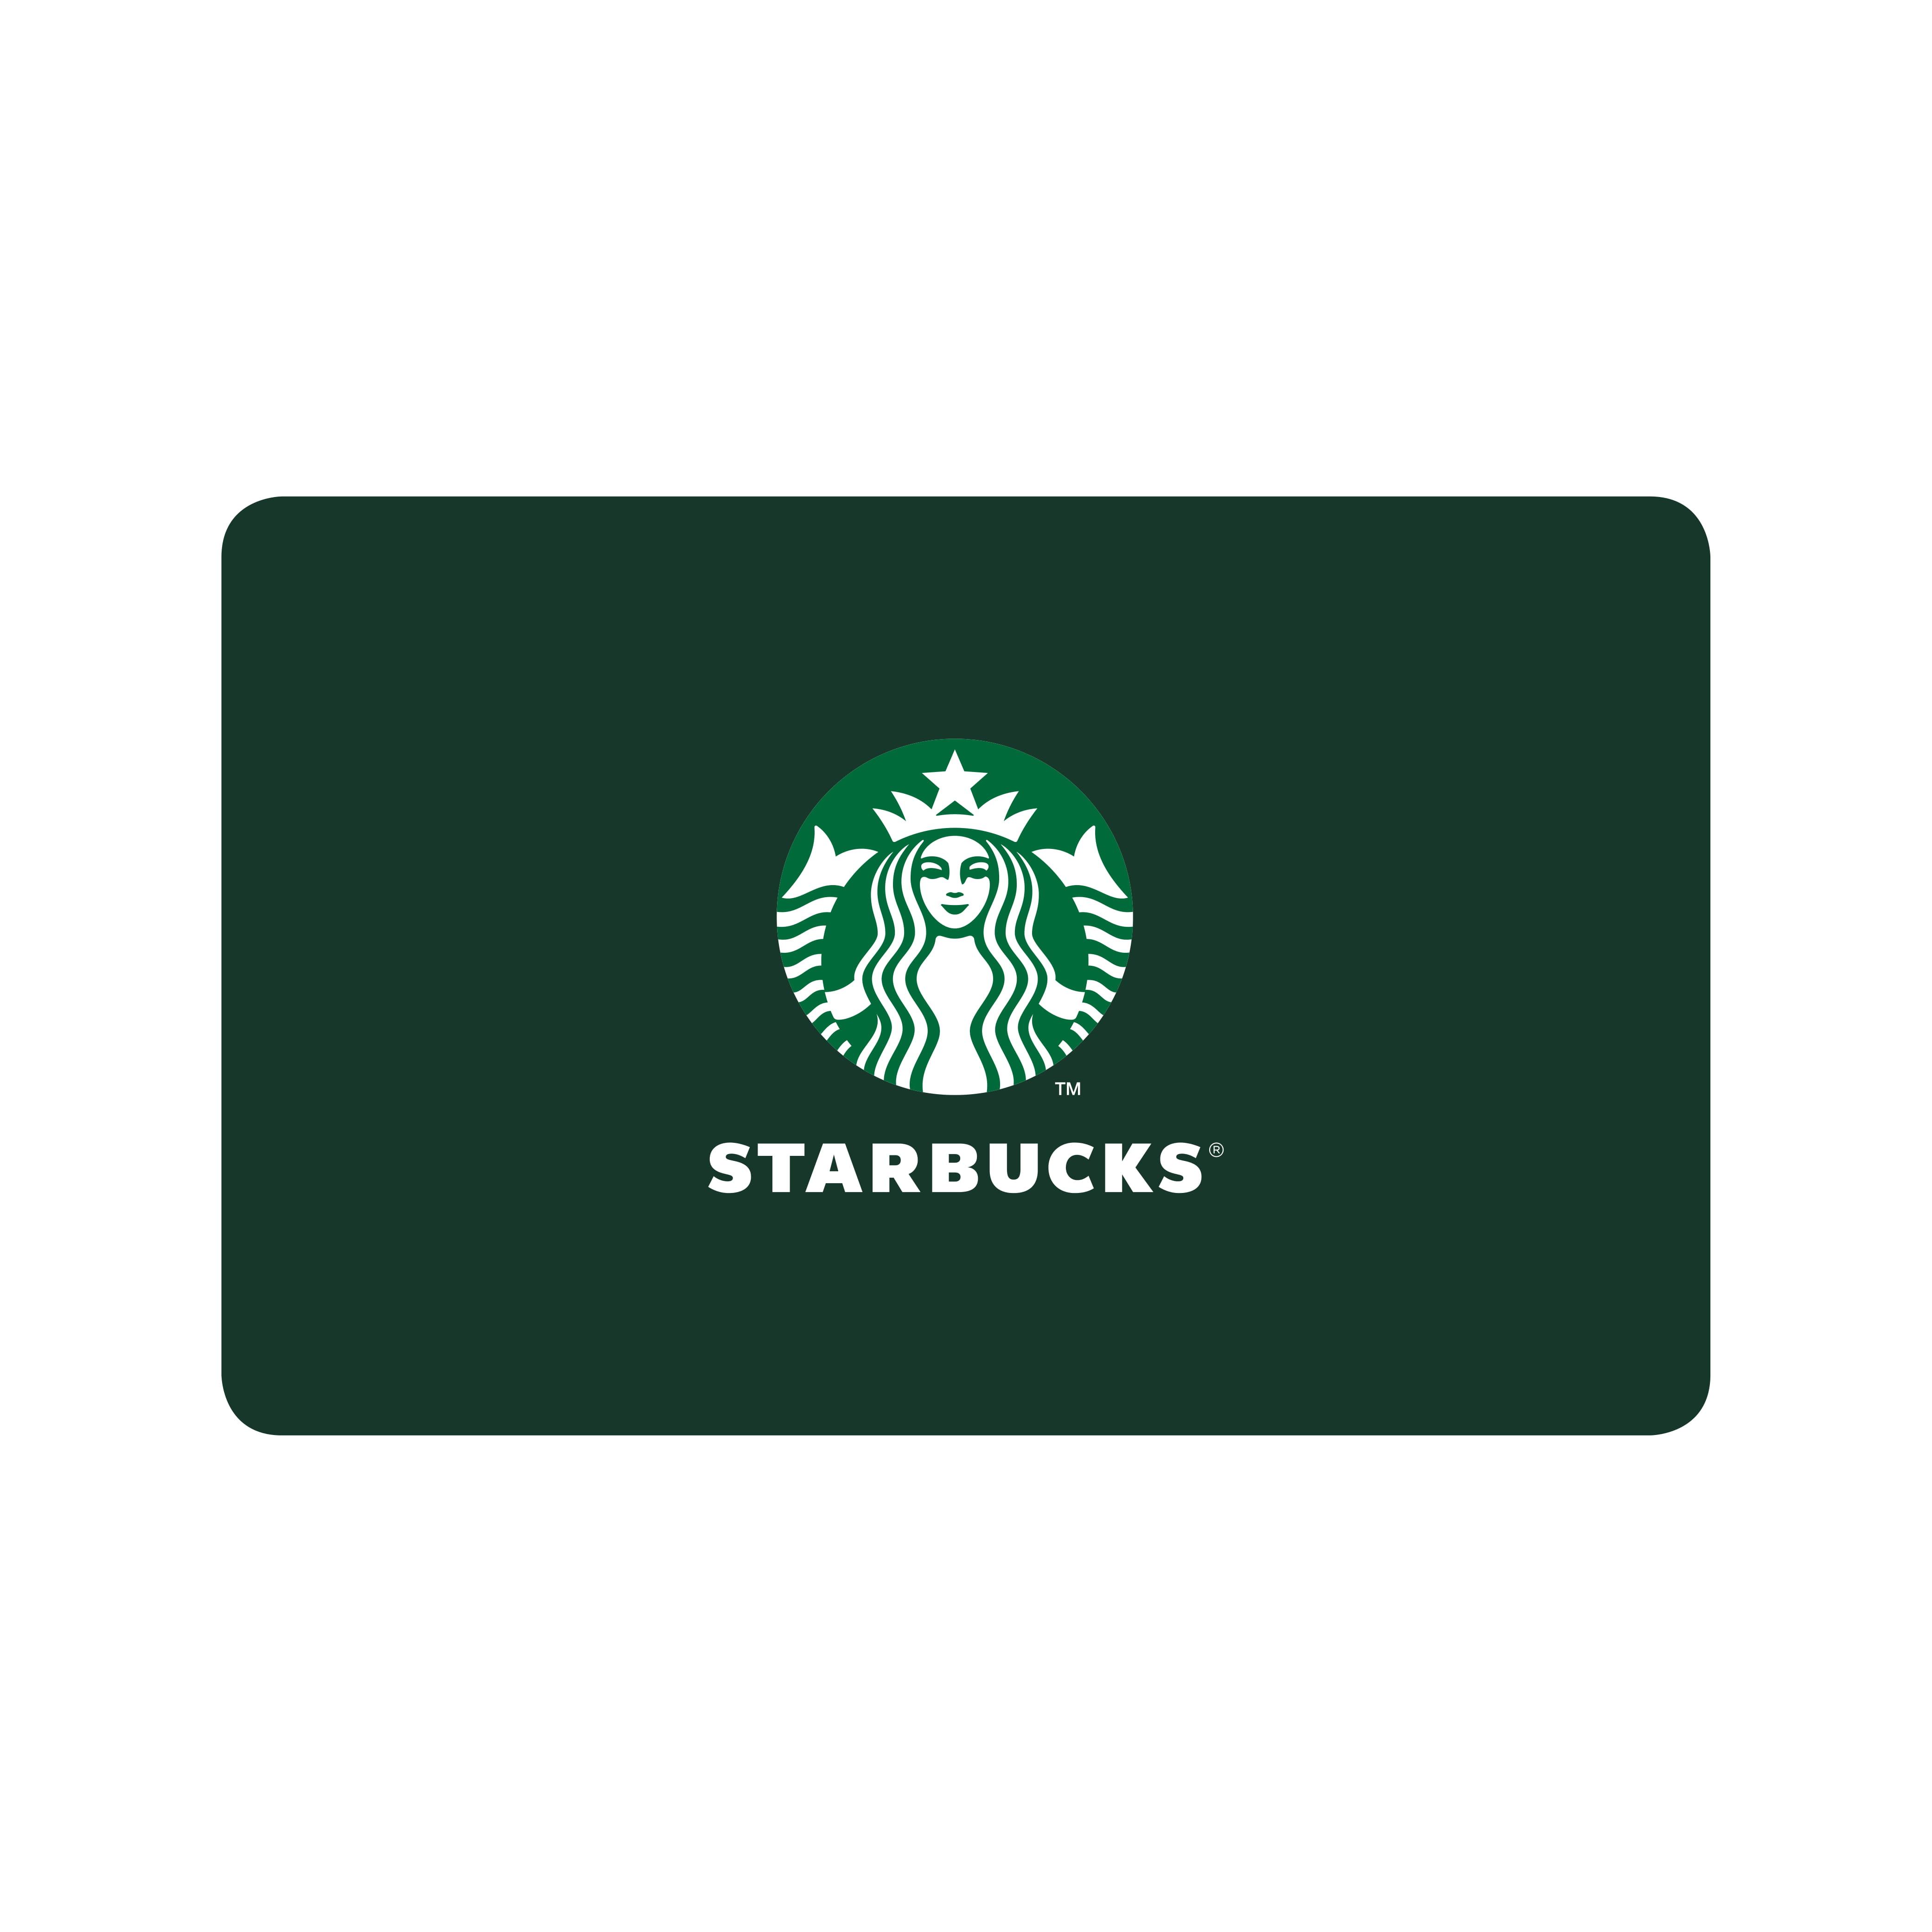 Starbucks gavekort - 100 kr